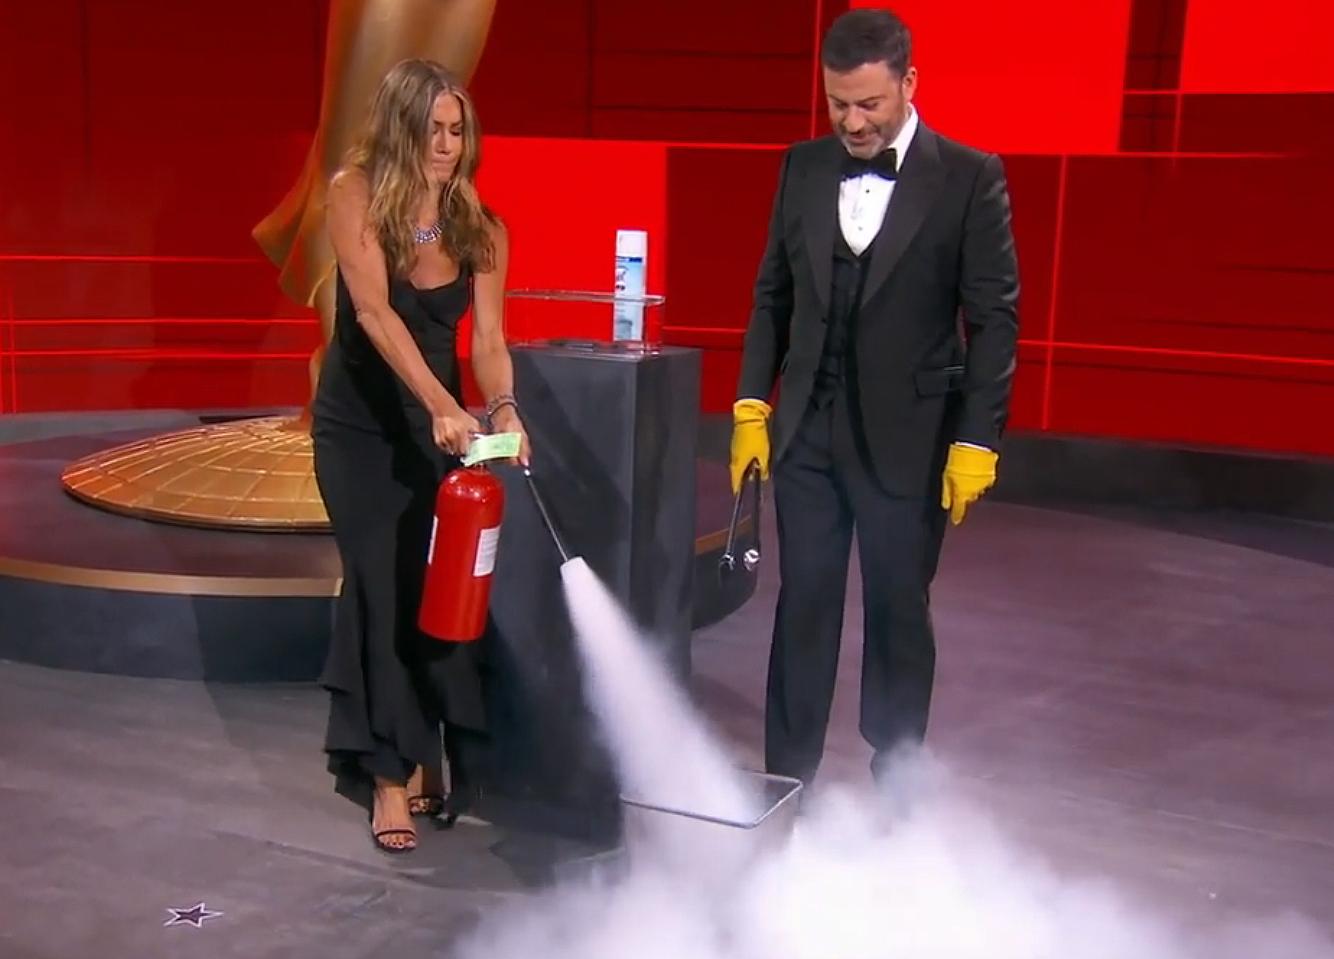 Η Τζένιφερ Άνιστον σβήνει την φωτιά του Τζίμι Κίμμελ, που παρουσίασε τα βραβεία Emmy.